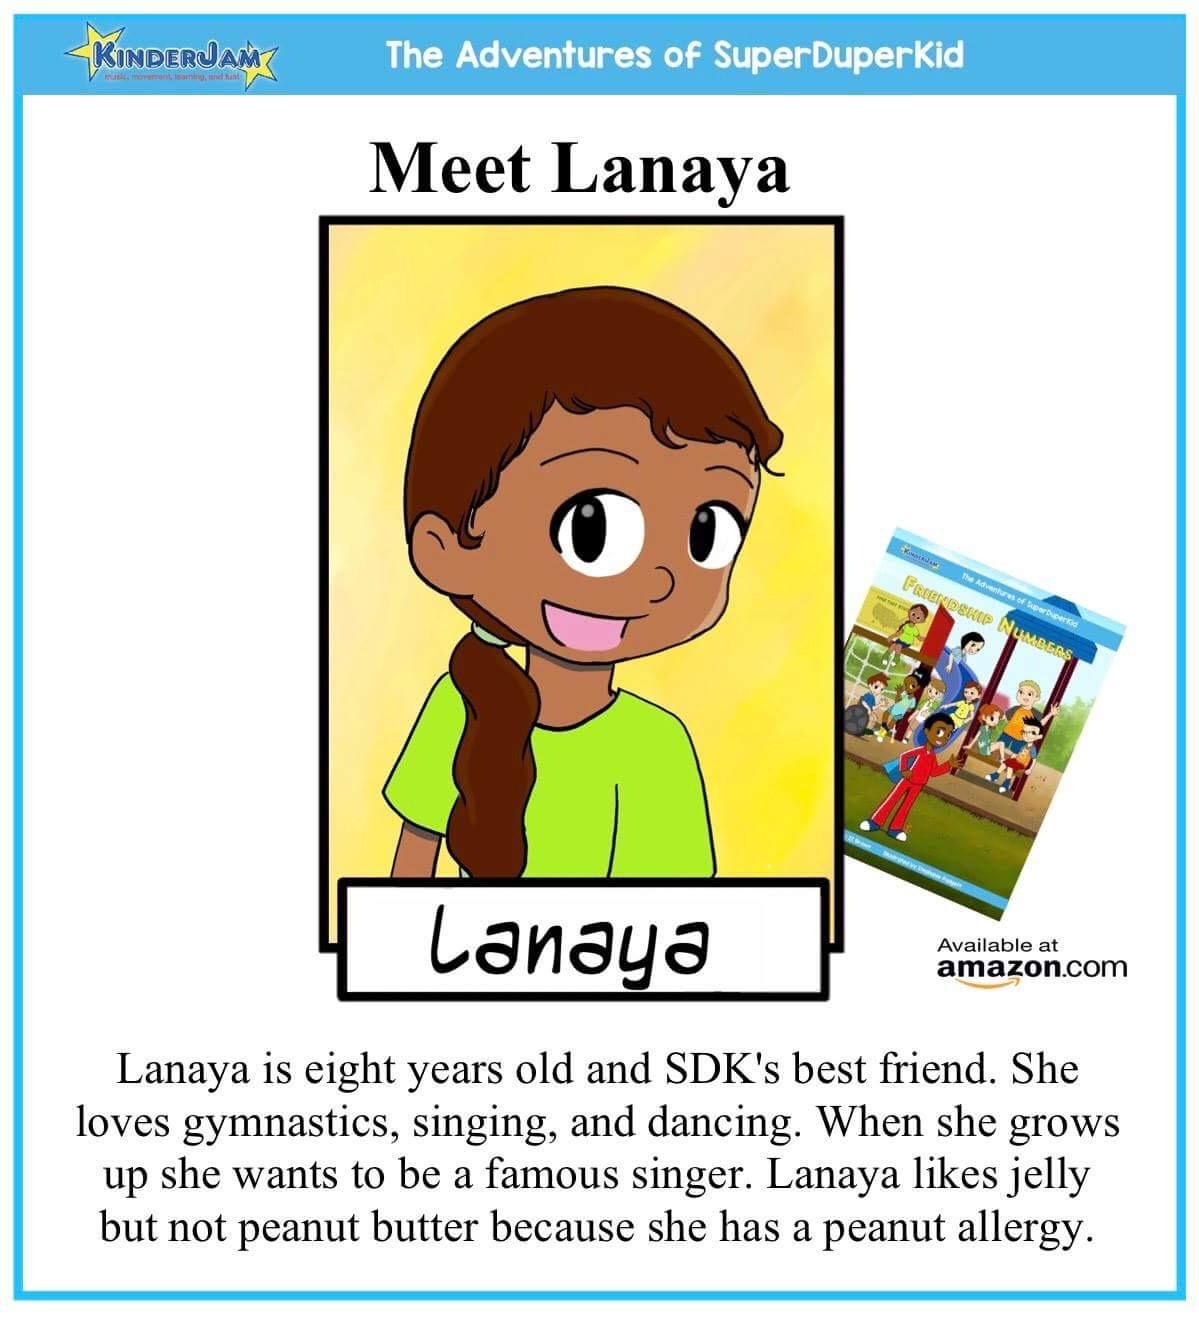 Lanaya